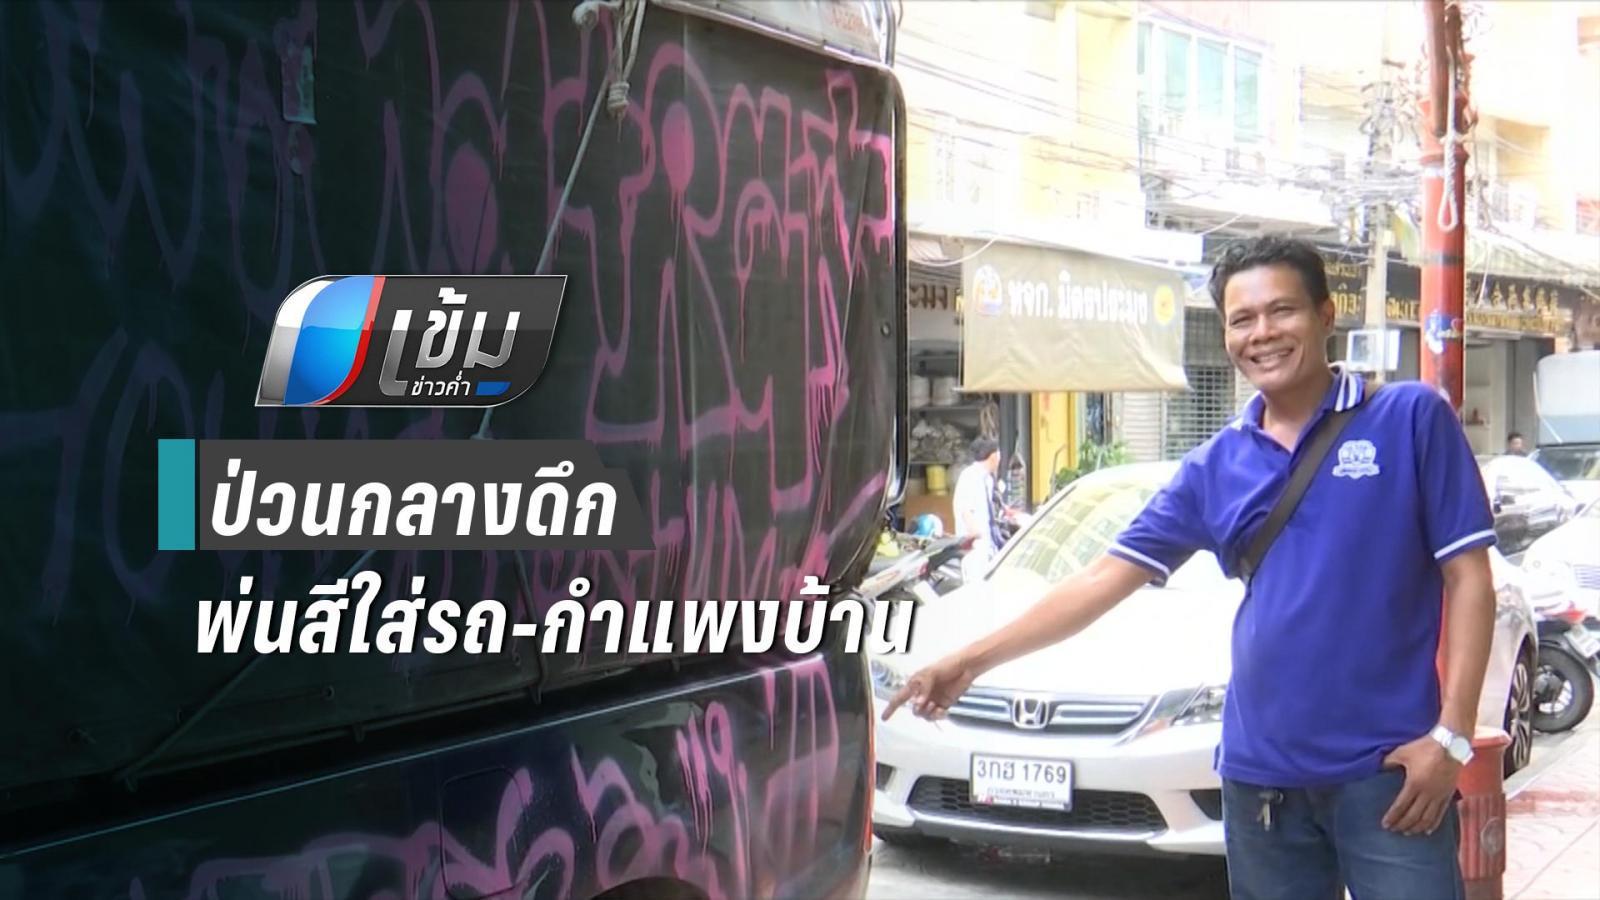 ชาวต่างชาติป่วน พ่นสีสเปรย์ใส่รถ-กำแพงบ้าน ย่านสำเพ็ง